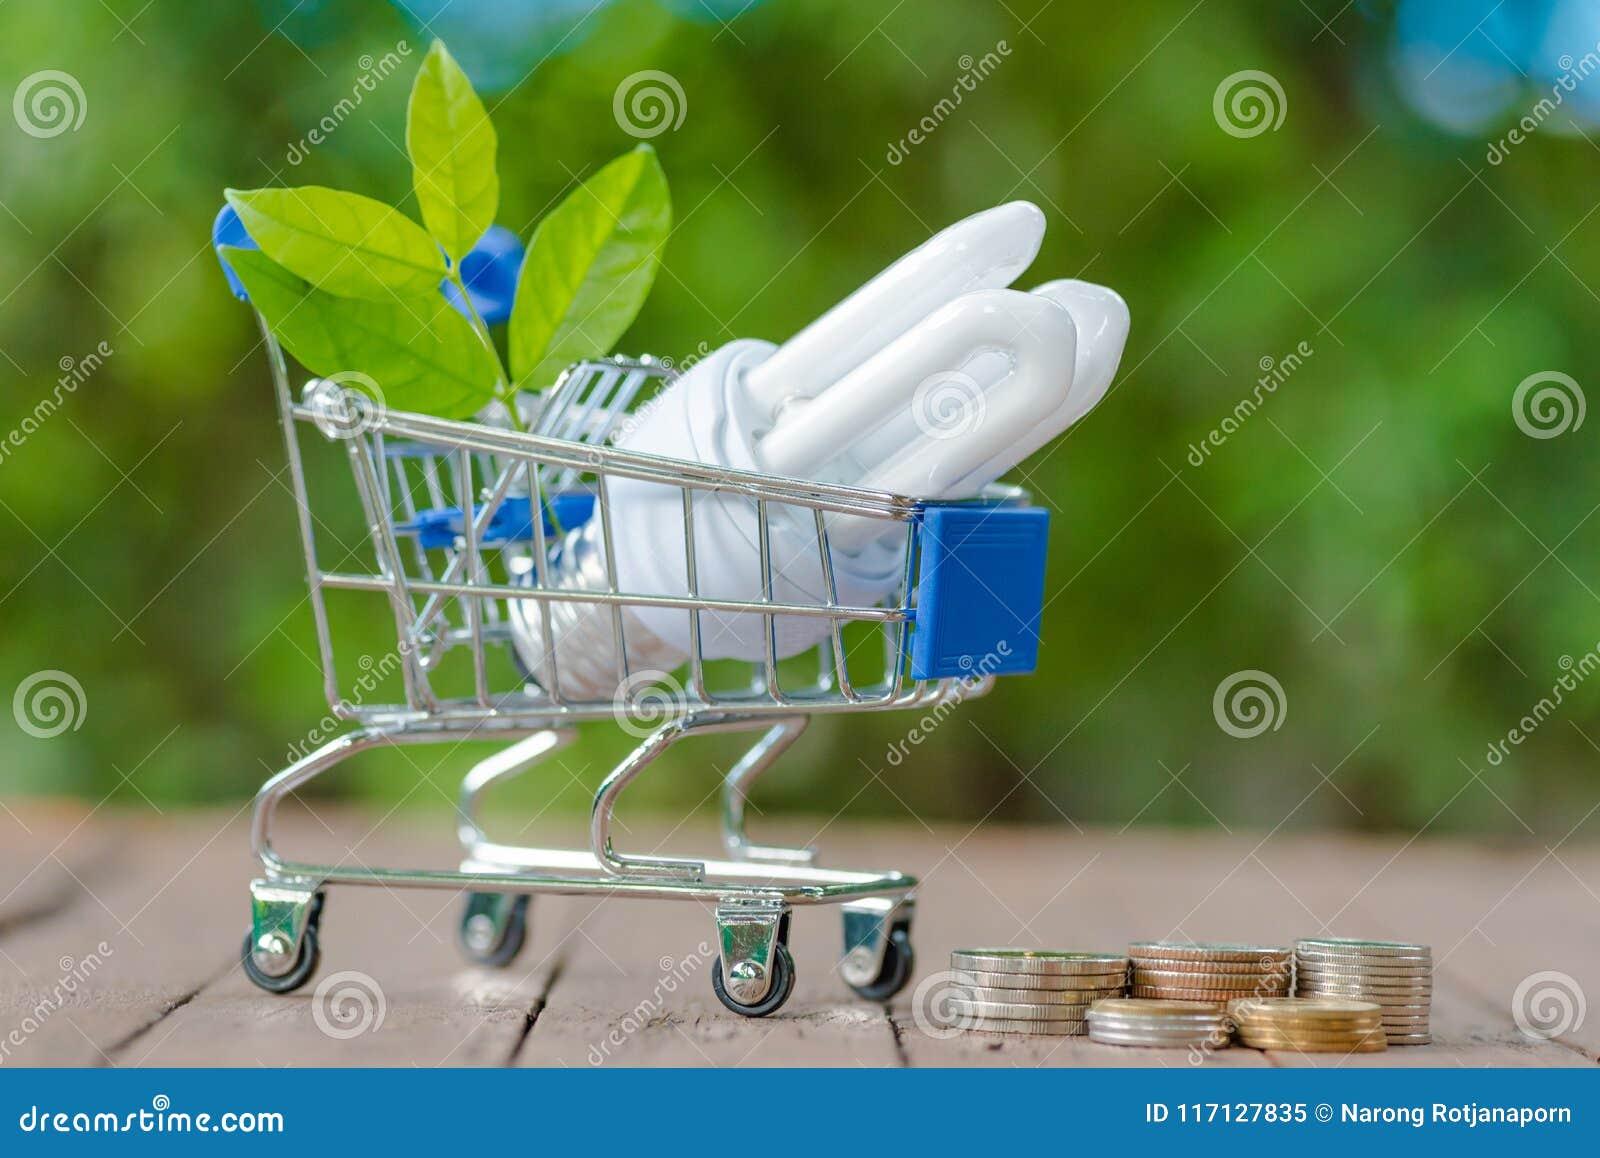 Ενέργεια - ΒΟΛΒΌΣ ECO των οδηγήσεων αποταμίευσης με το περιβάλλον